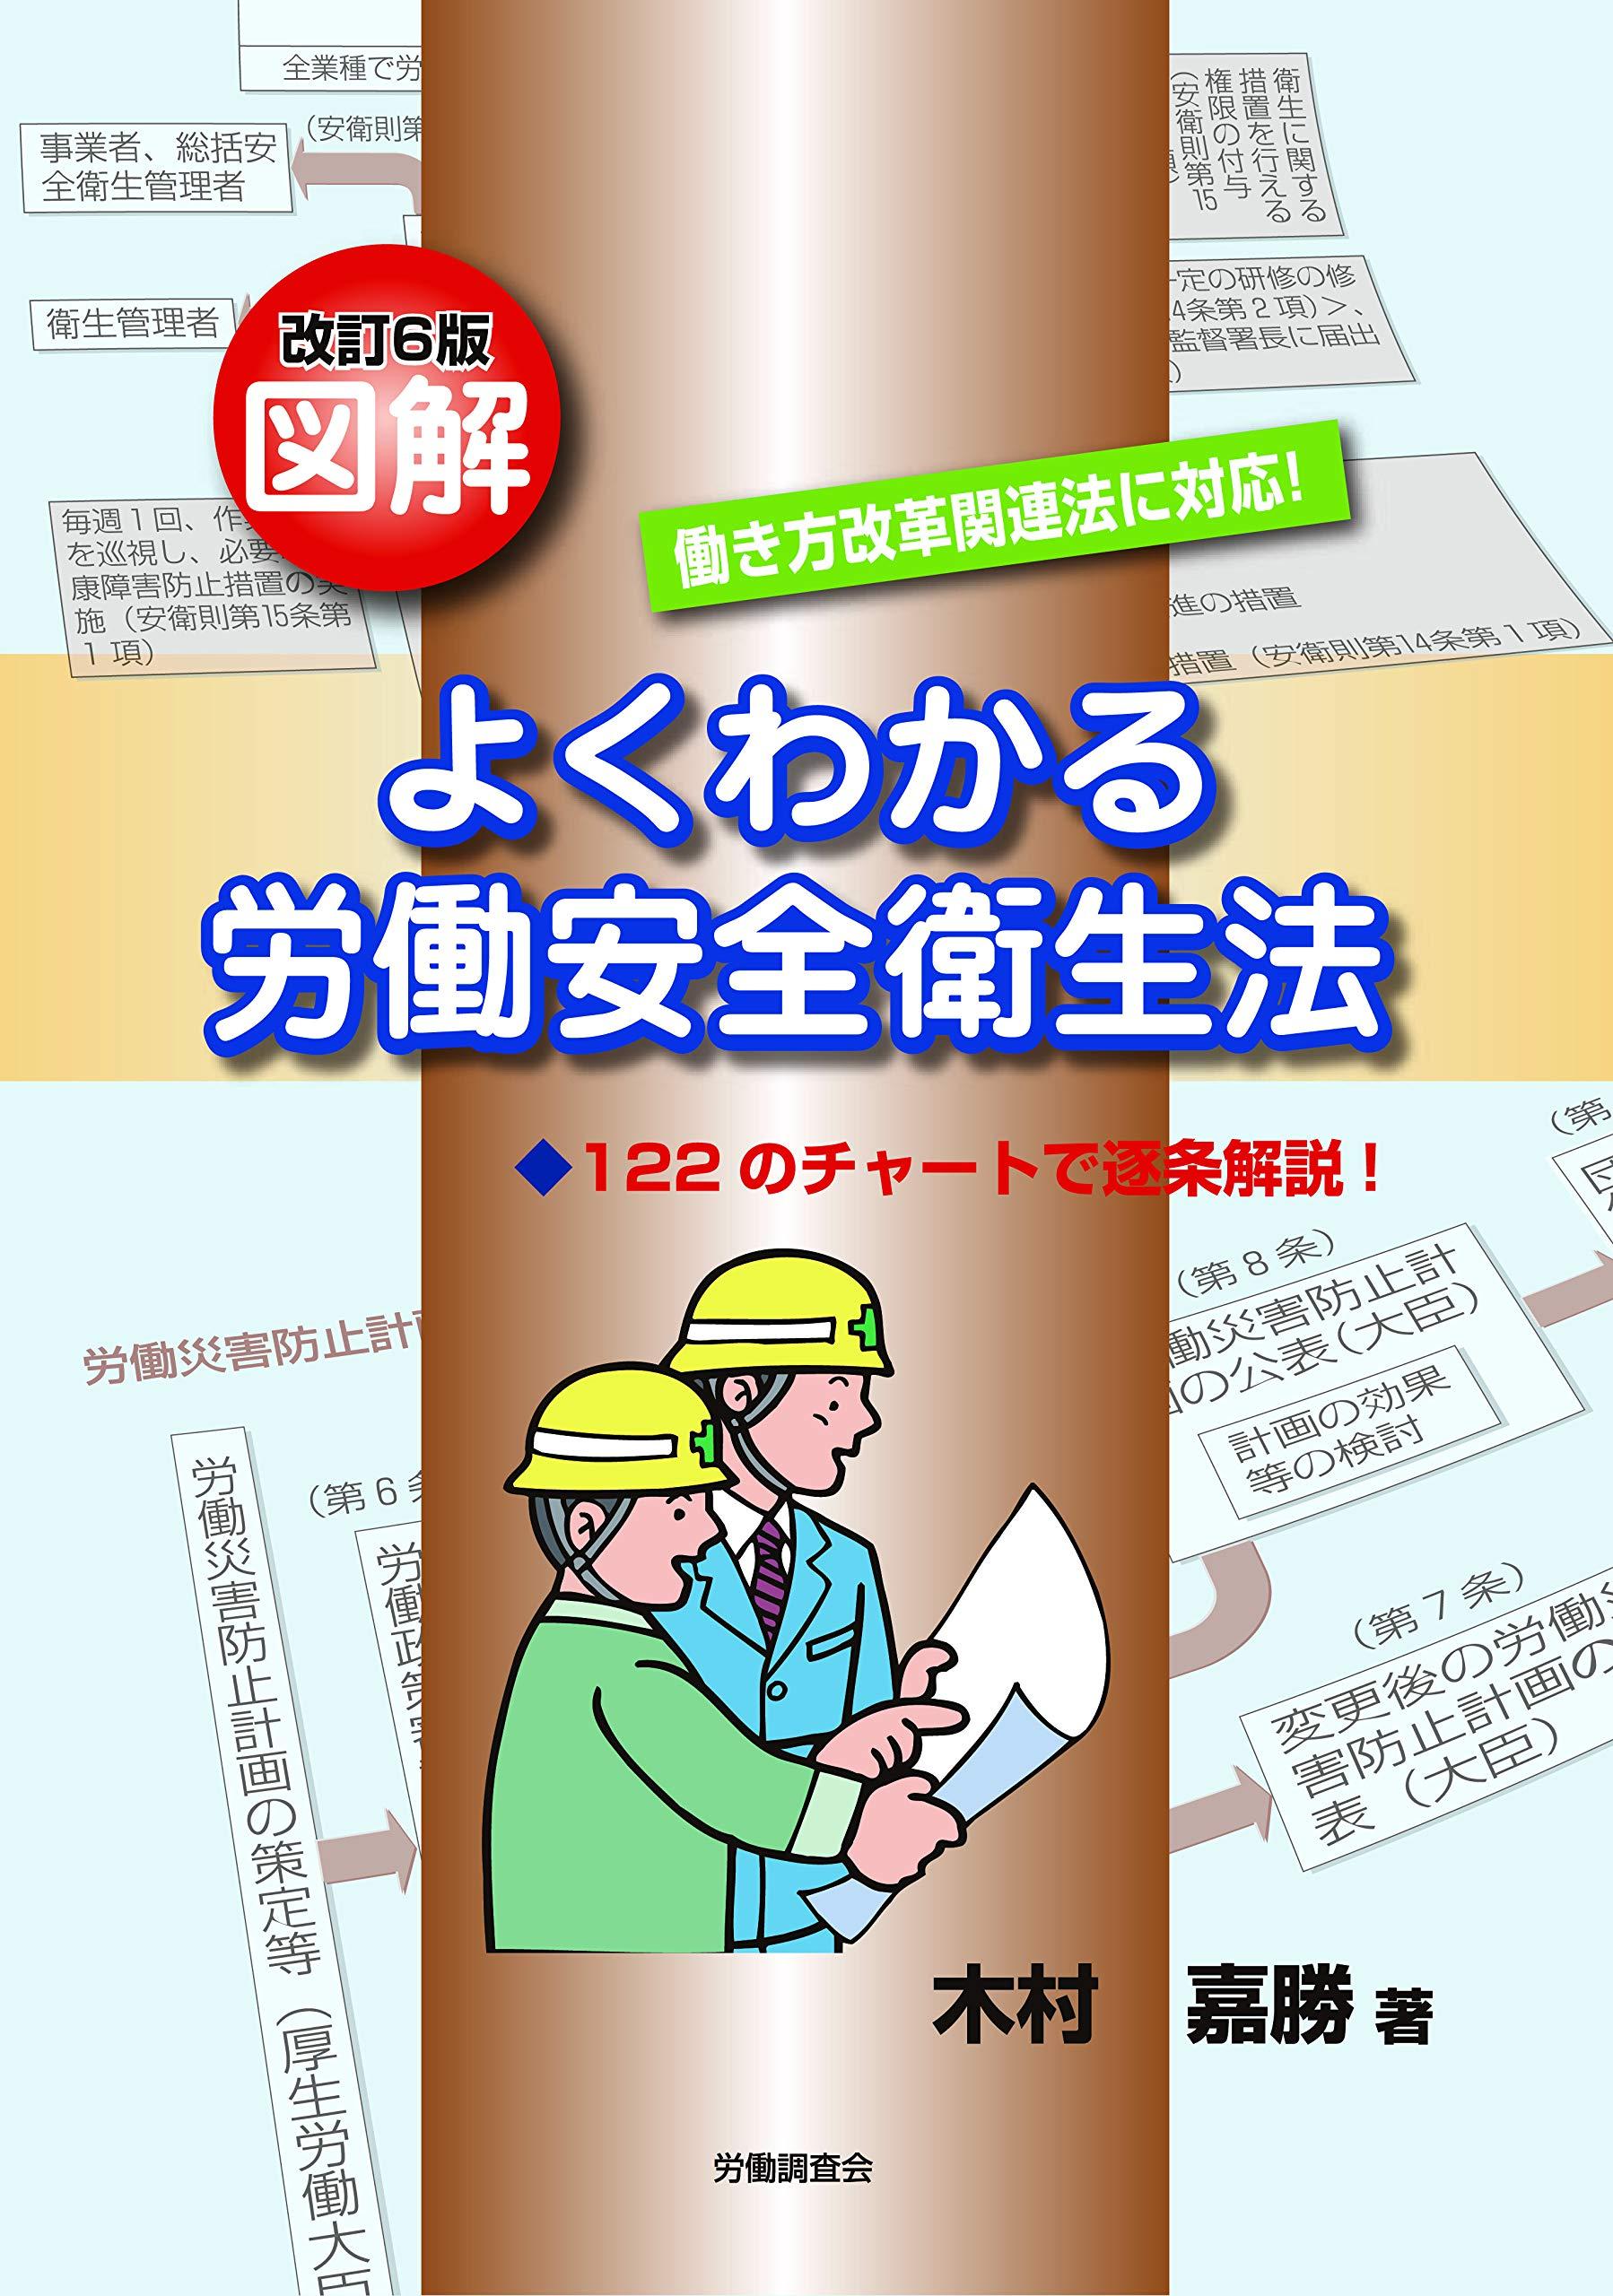 労働 安全 衛生 法 違反